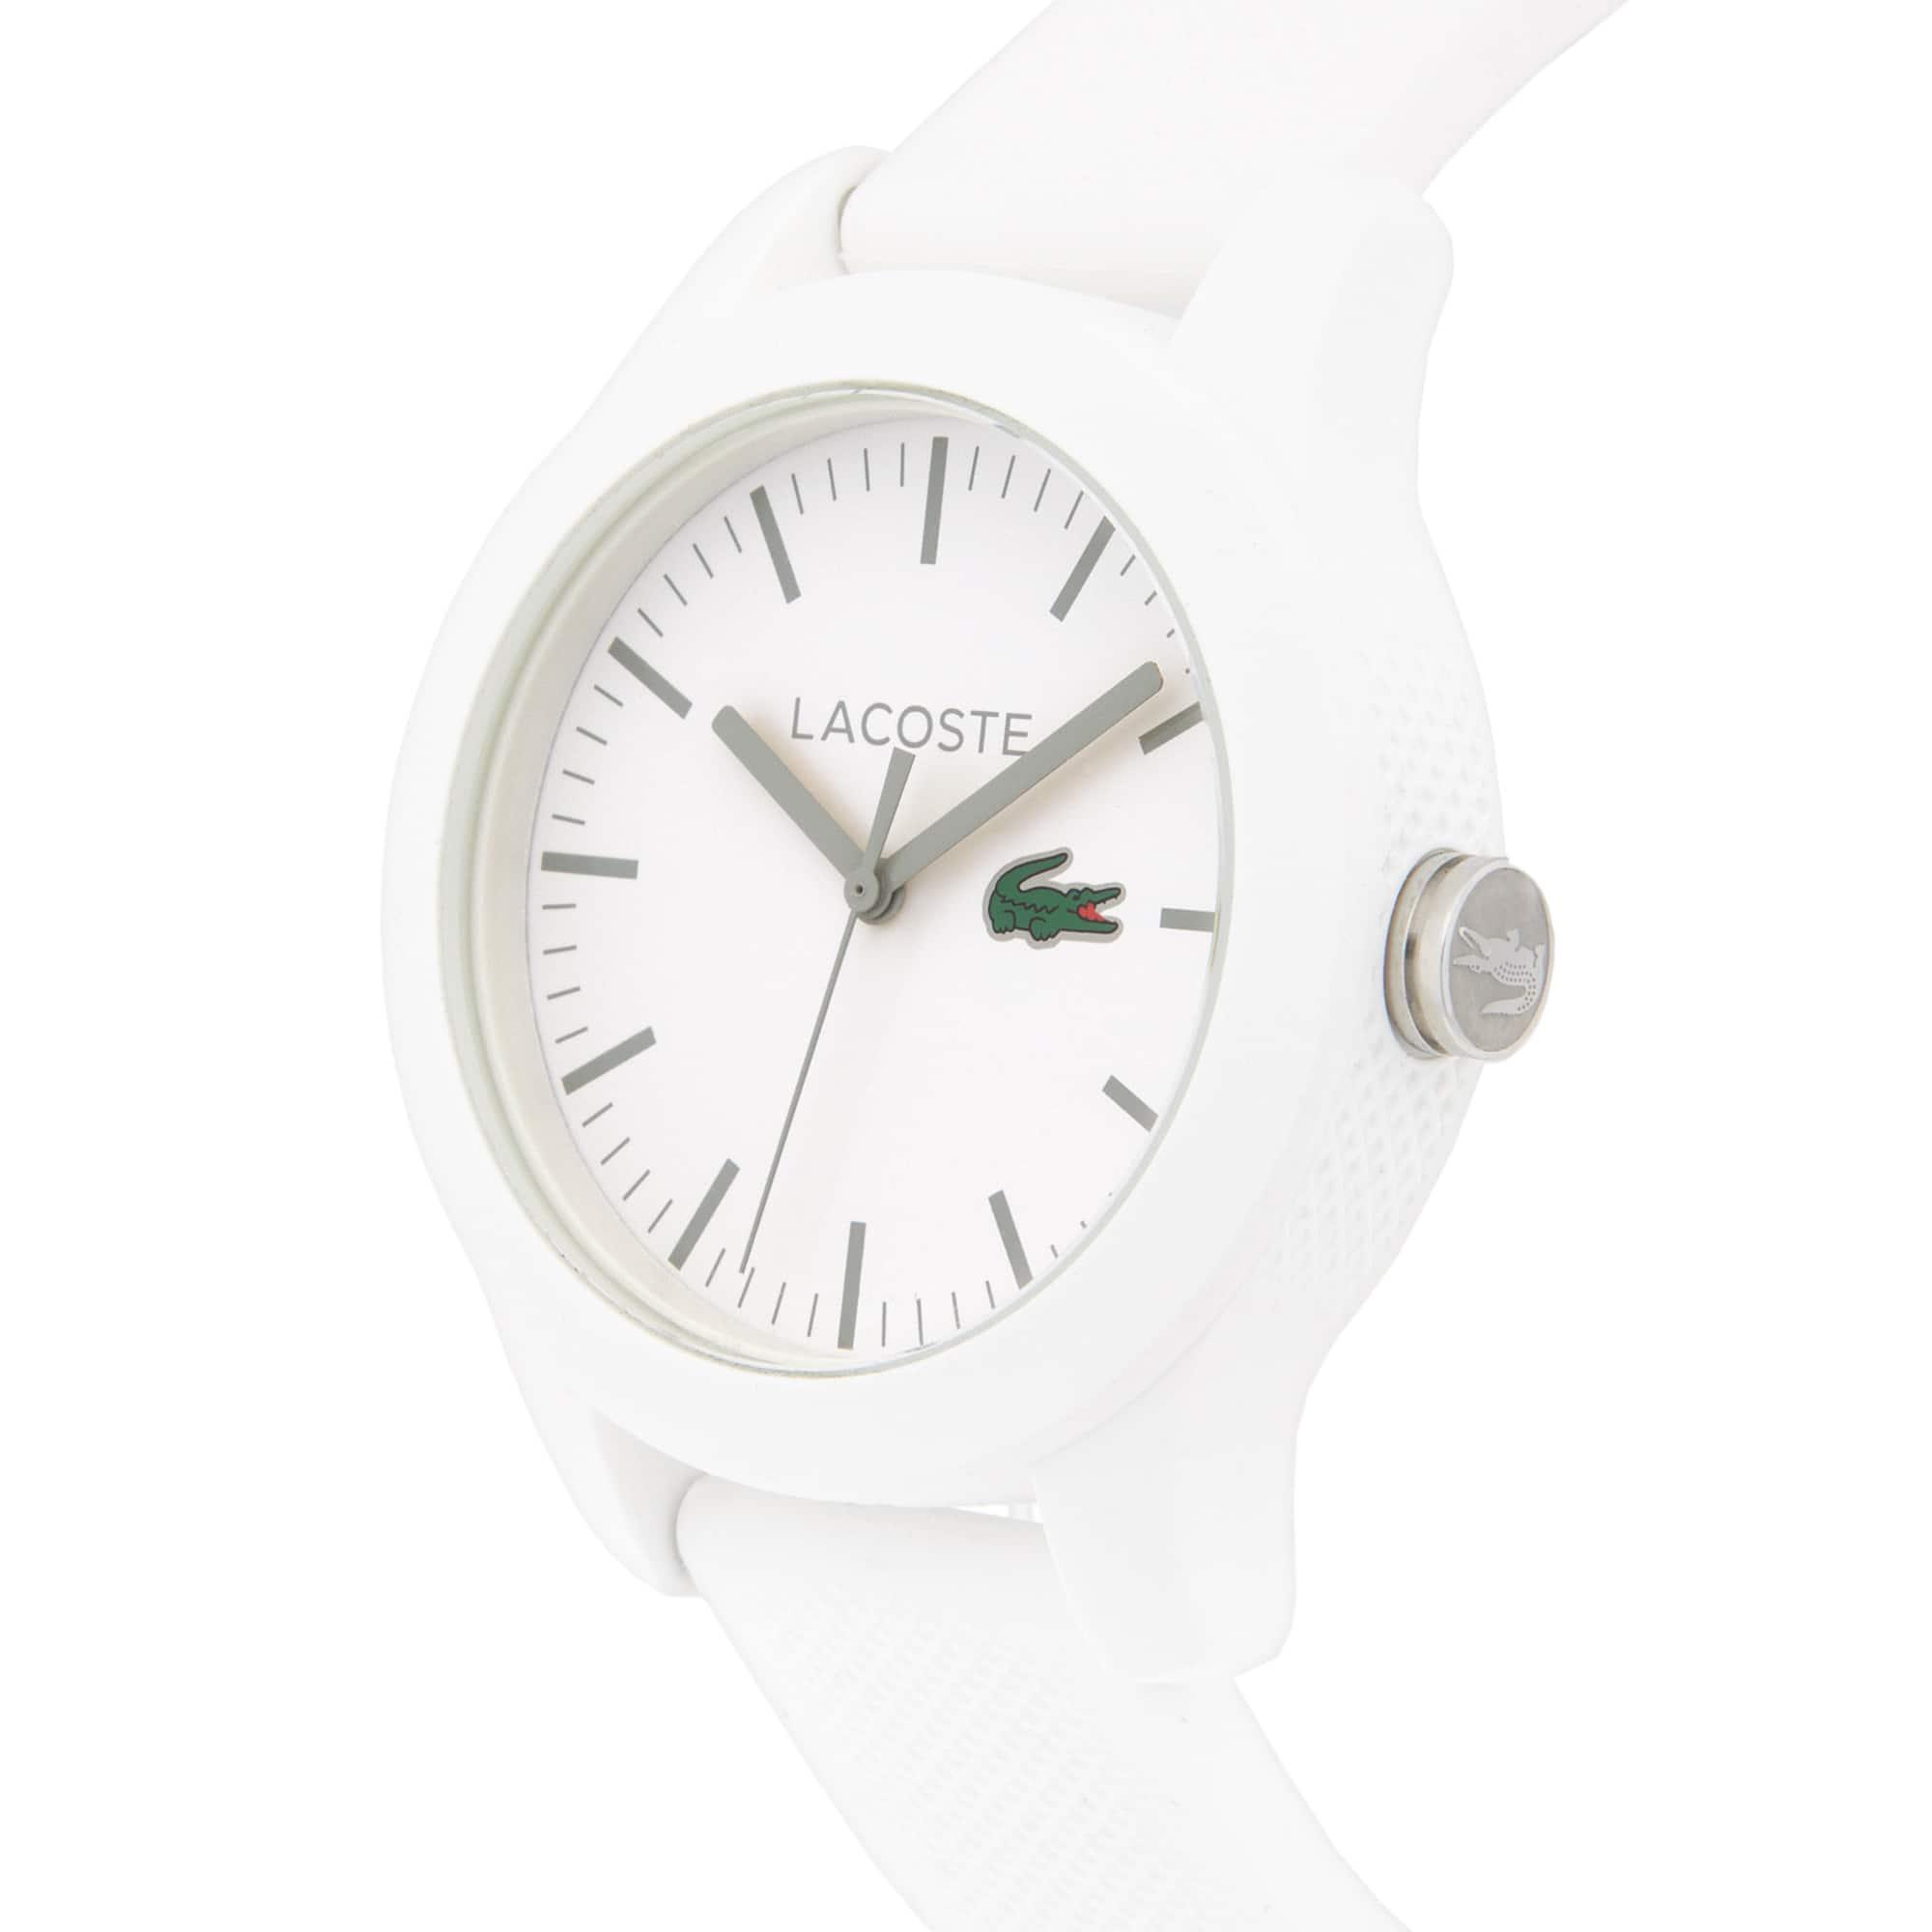 Montre Lacoste.12.12 Homme avec Bracelet en Silicone Blanc